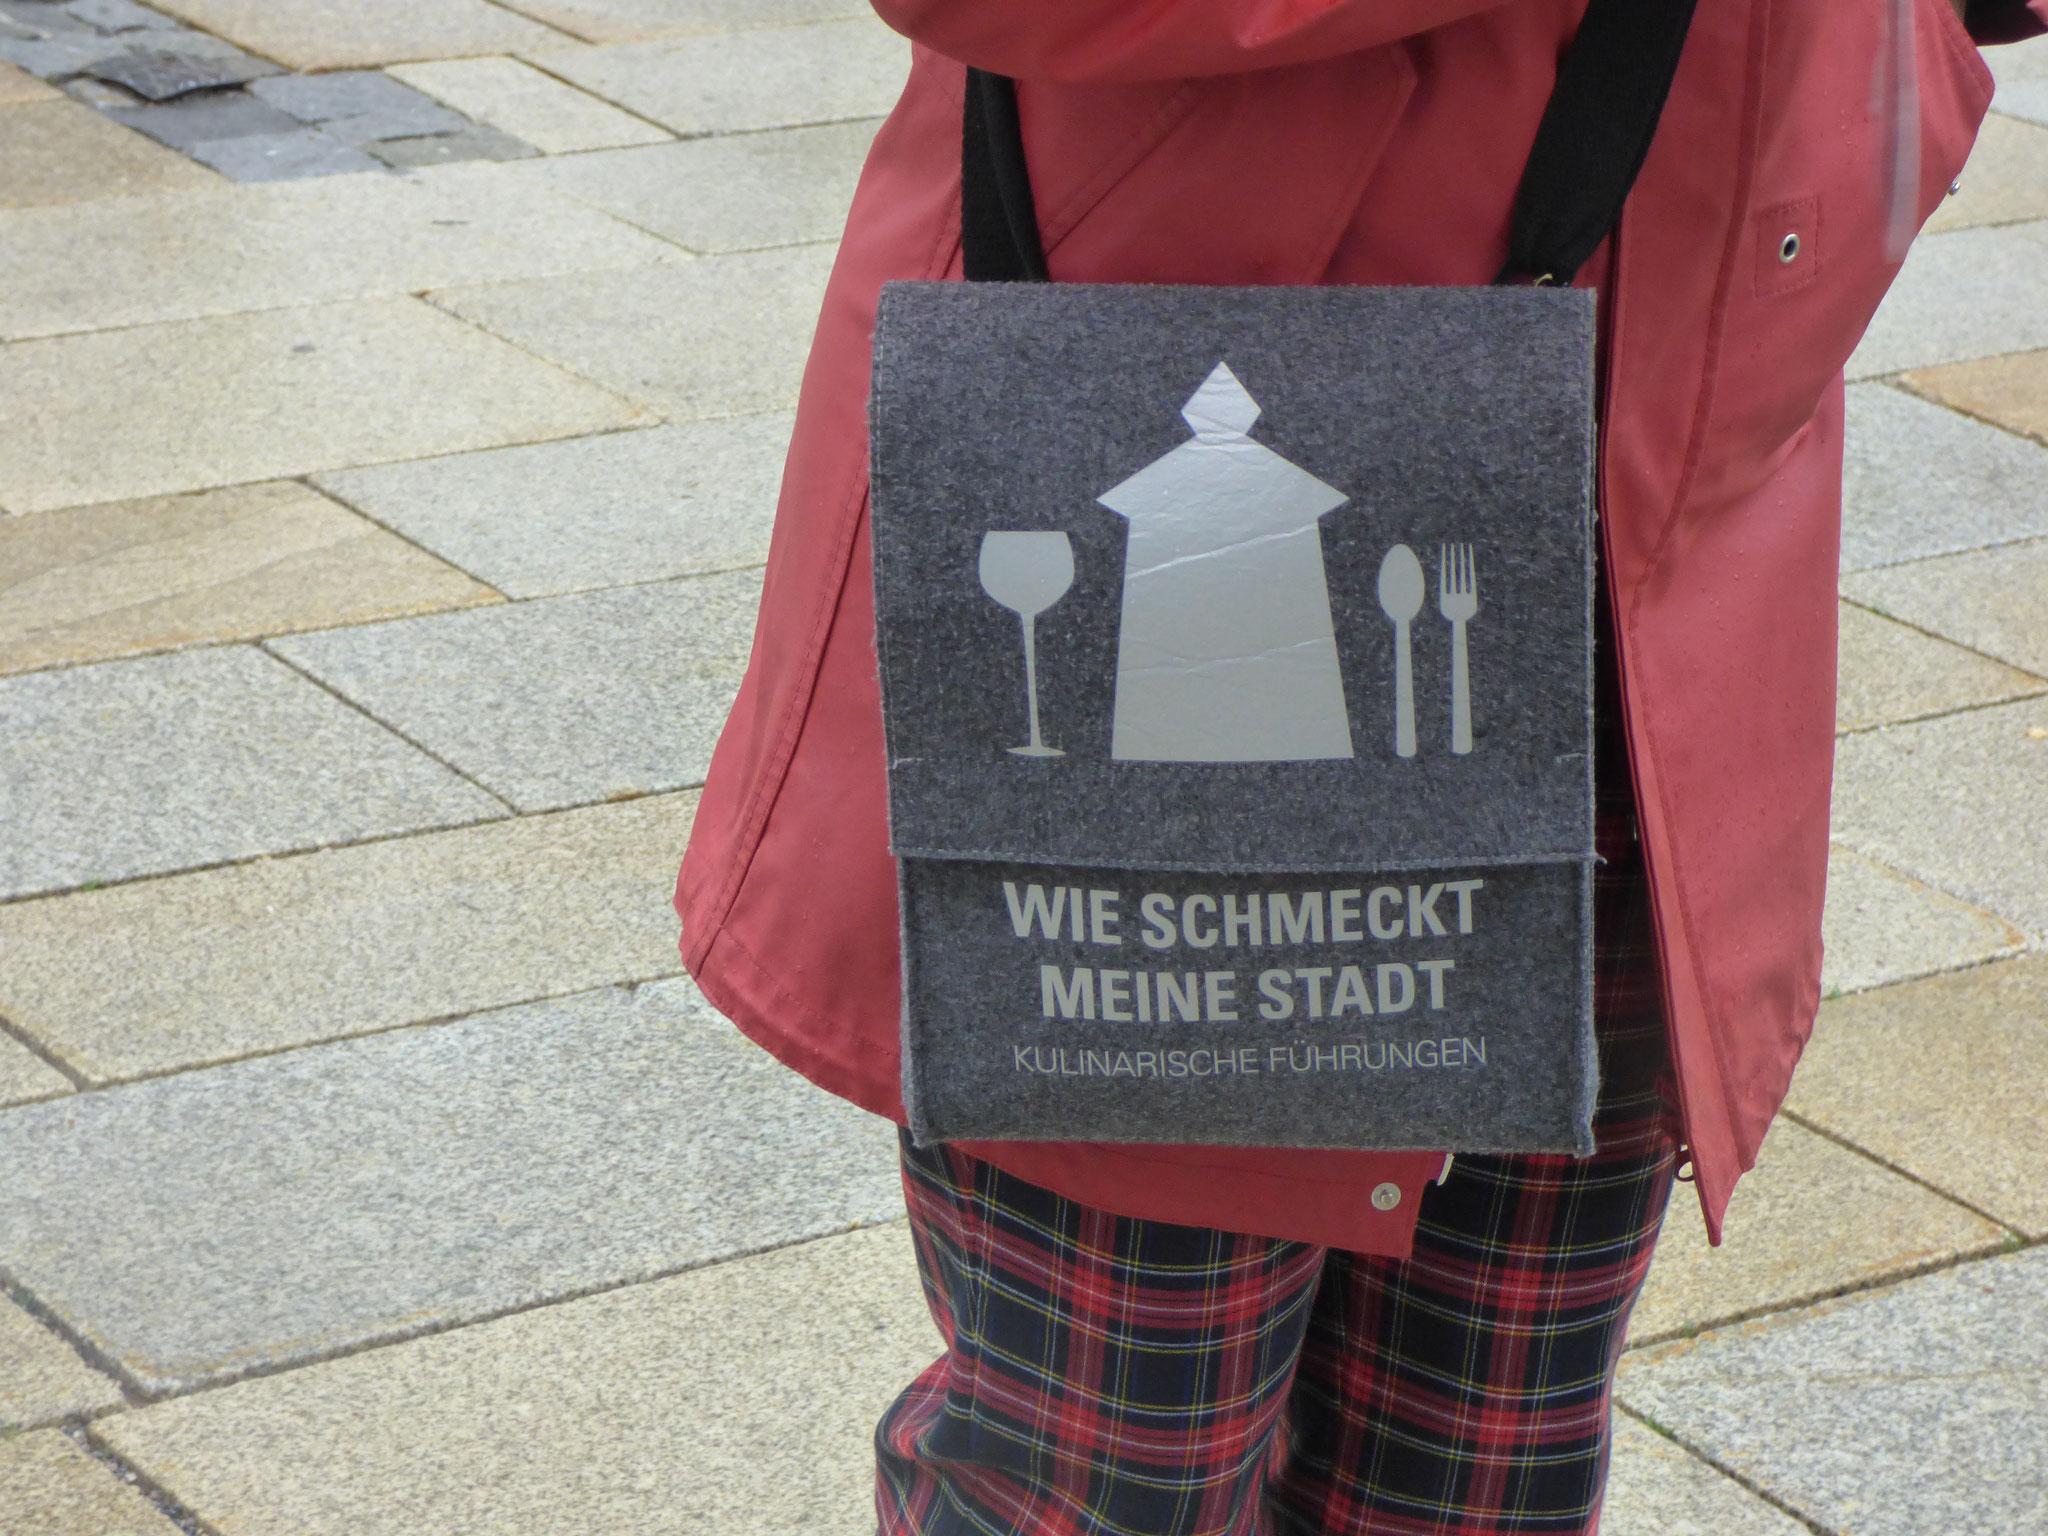 Fotos: Anita Korndörfer / Stadt Neumarkt